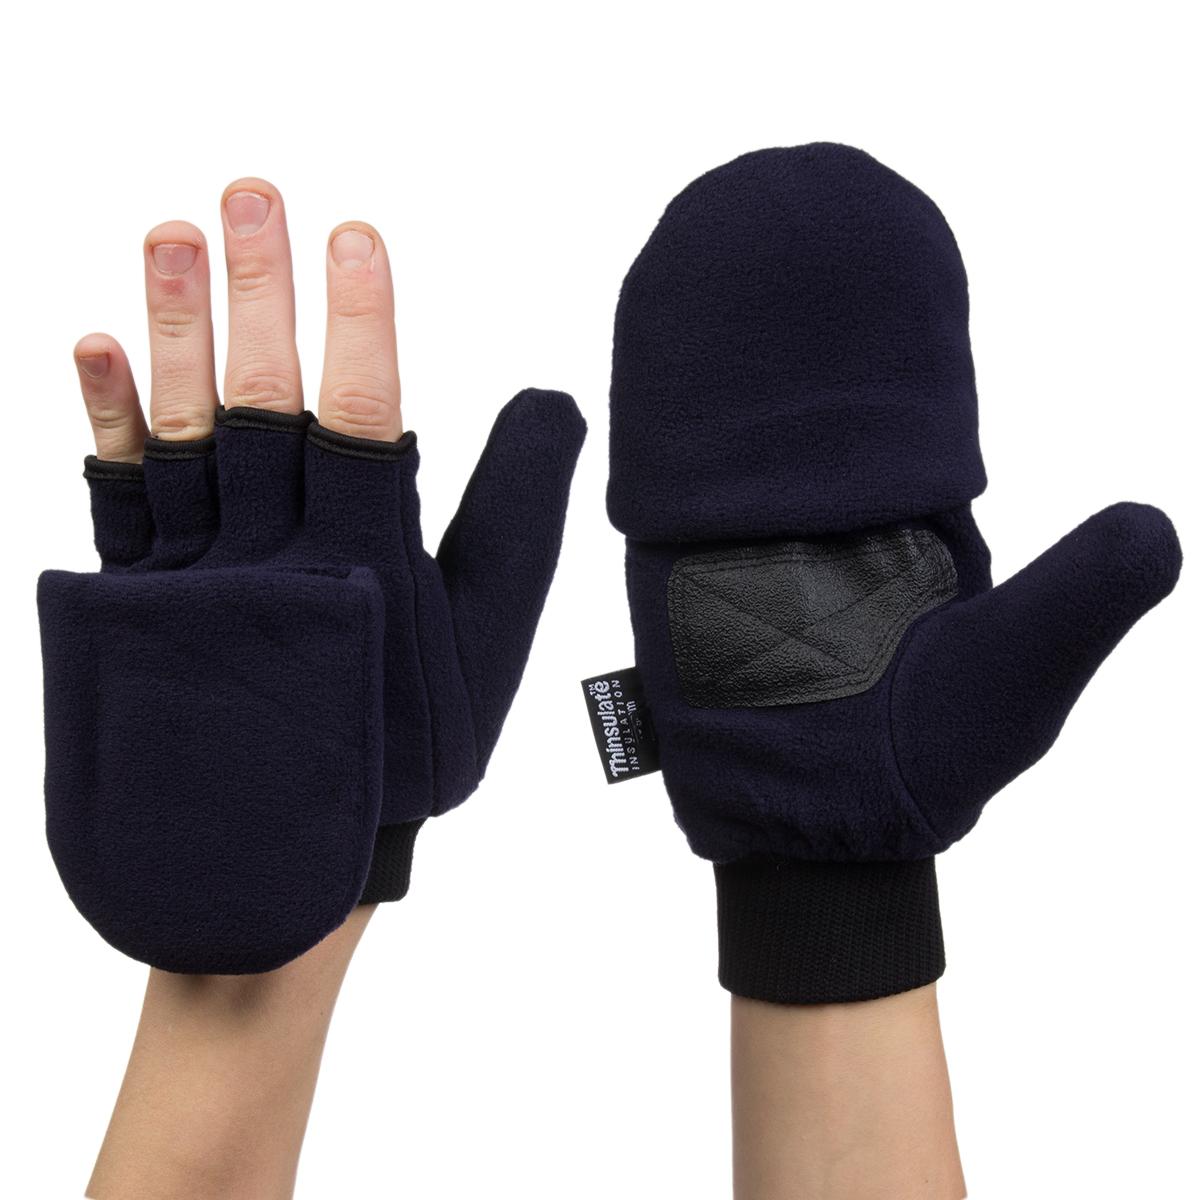 3M Thinsulate Fleece Pop Top Convertible Fingerless Gloves Mittens ...